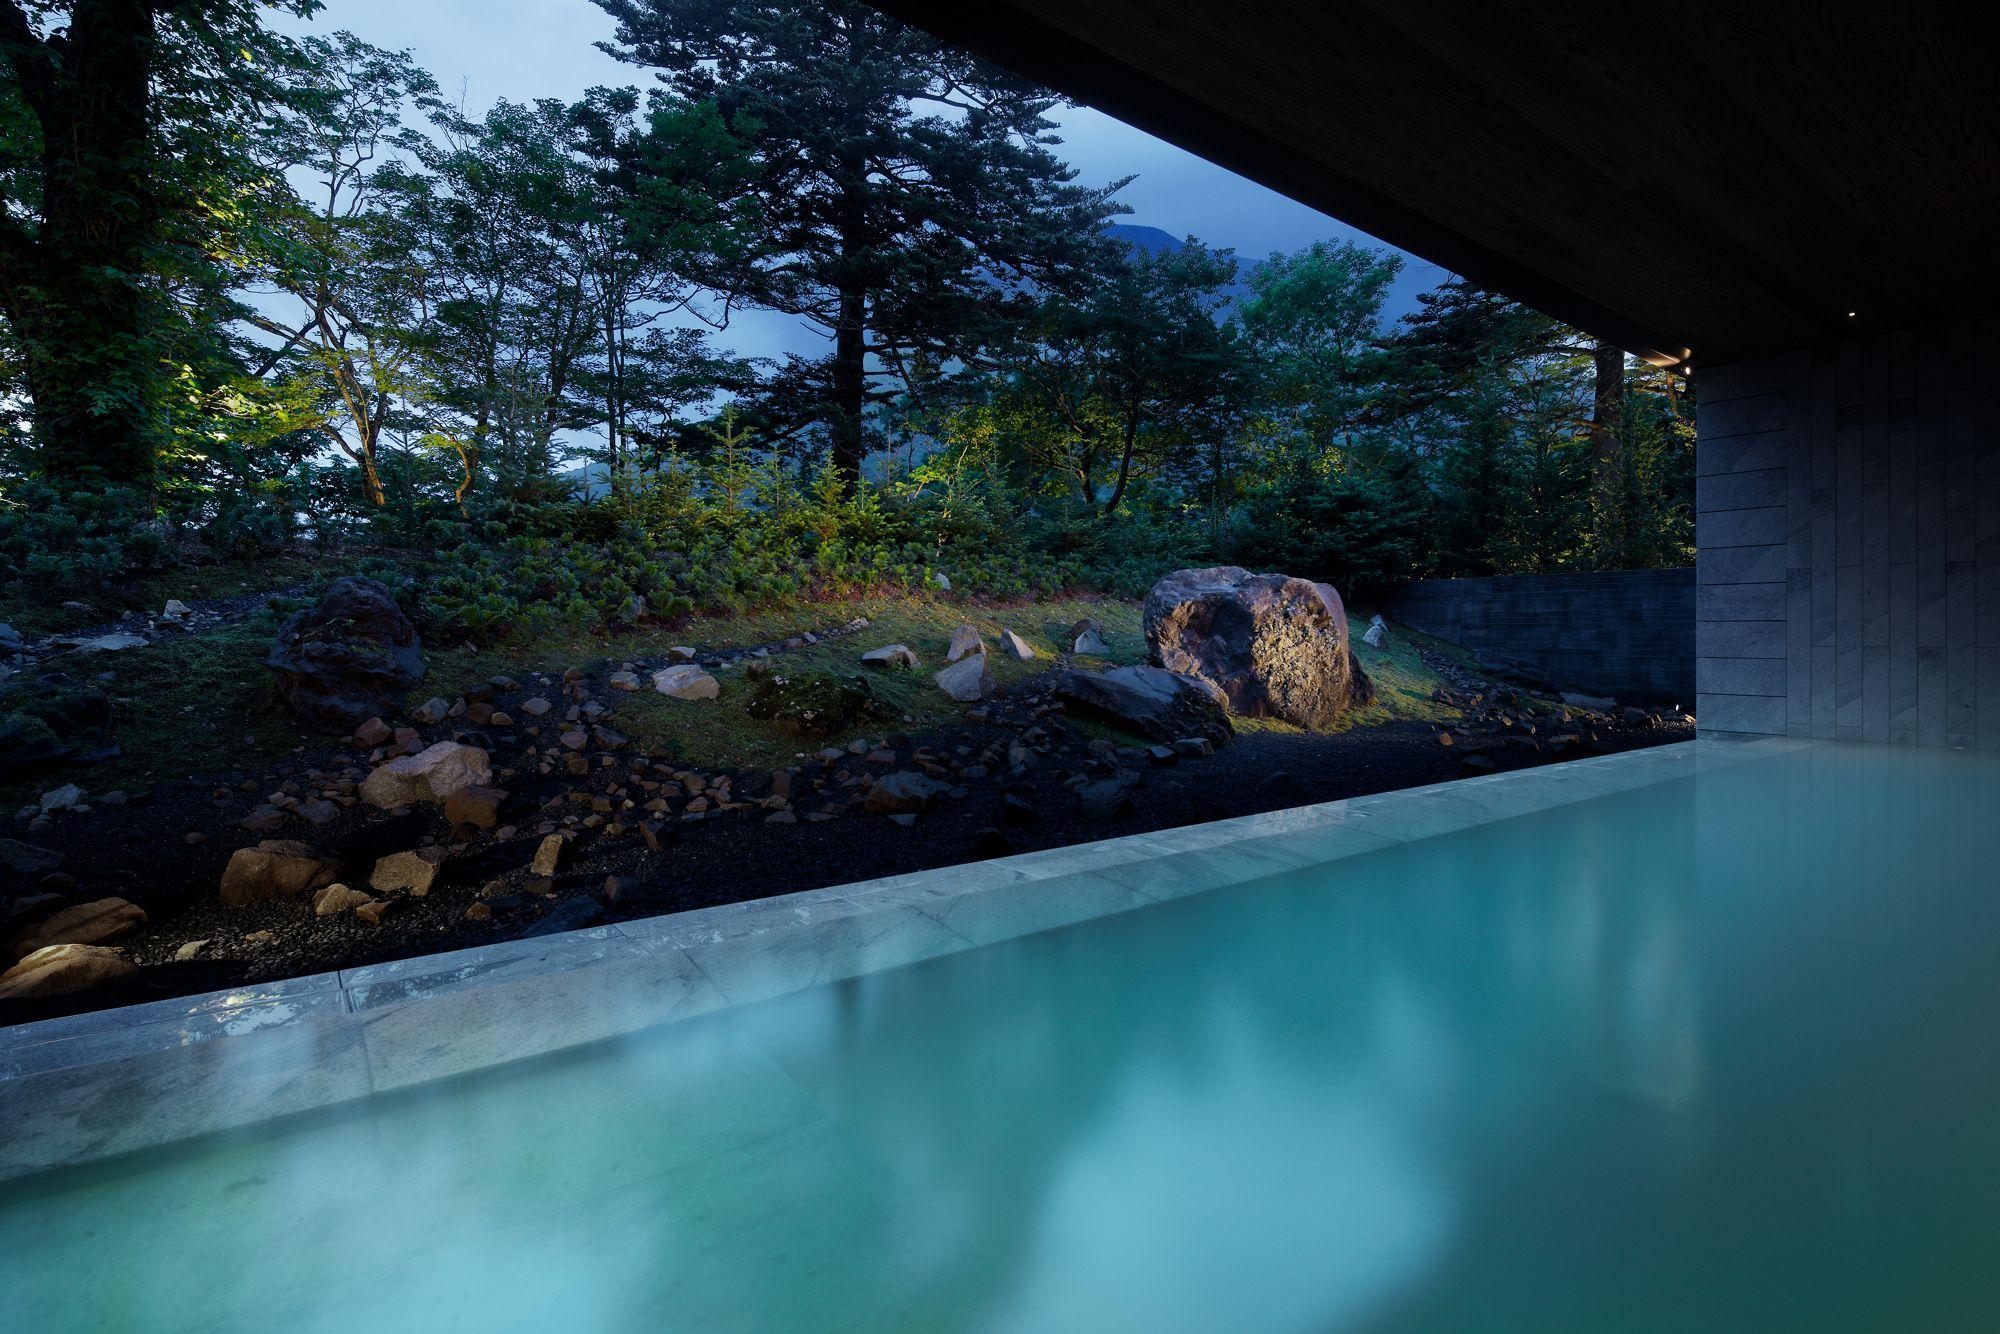 ザ・リッツ・カールトン日光の温泉施設の写真